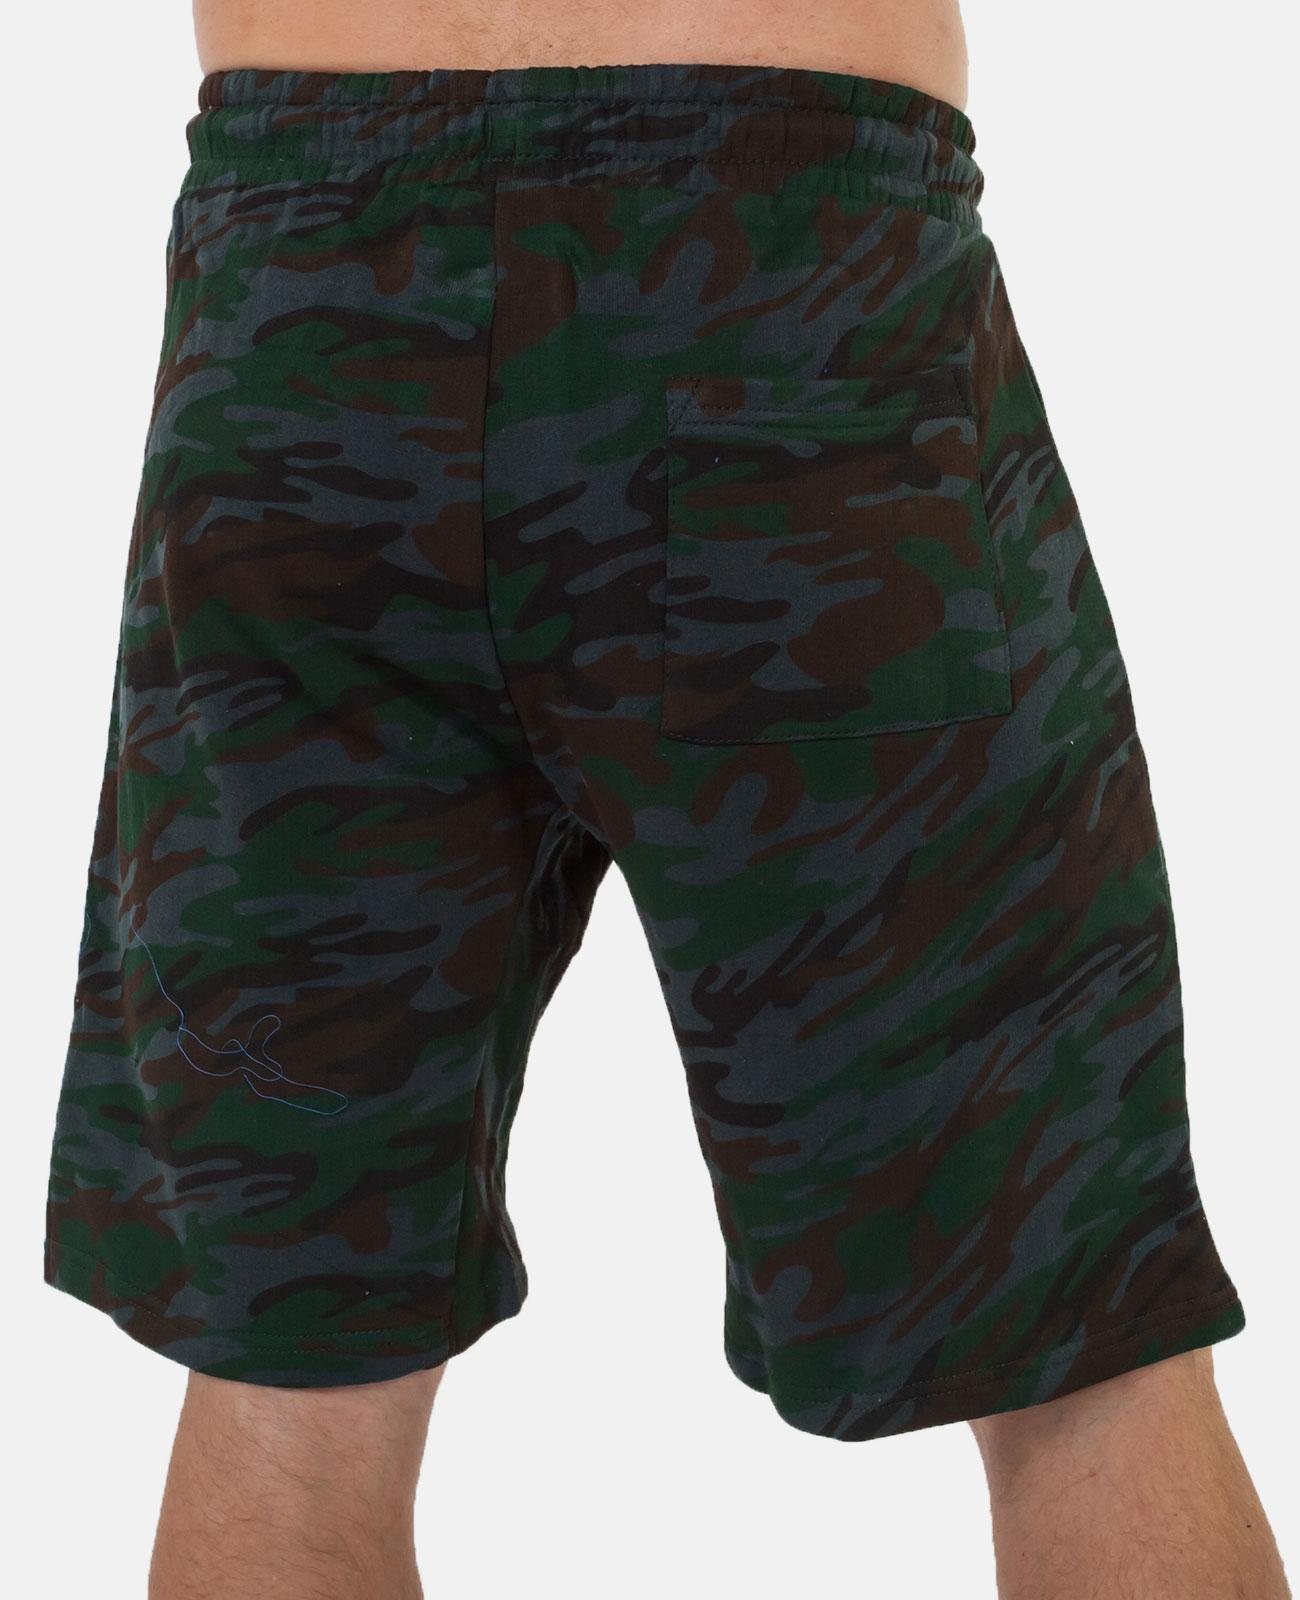 Крутые мужские шорты в армейском камуфляже купить оптом